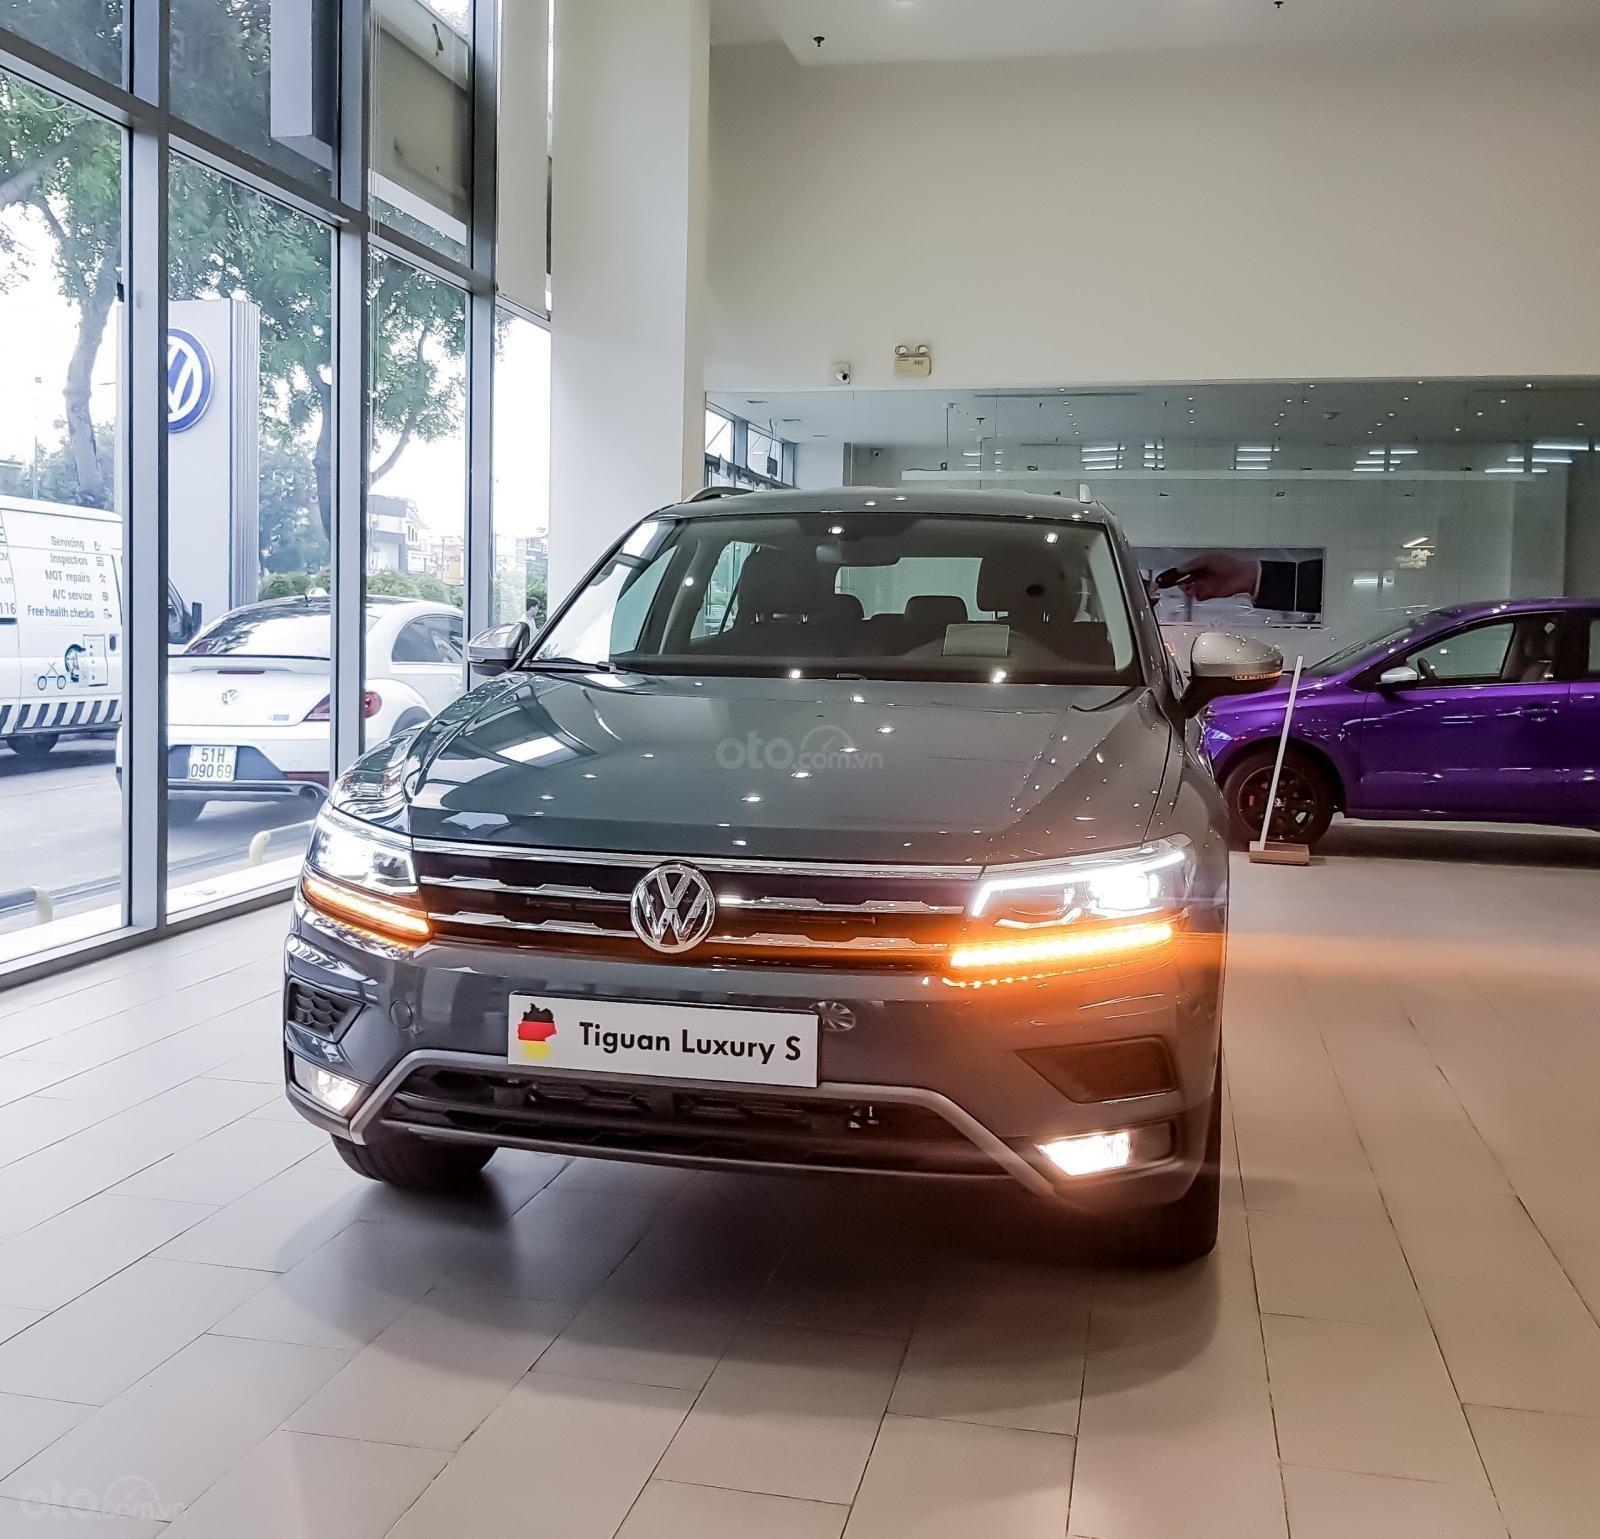 Tặng Ip 12 + bảo hiểm + bảo dưỡng xe miễn phí khi mua xe Tiguan Luxury S 2021, kèm nhiều ưu đãi khác nữa, lh ngay Ms Uyên (1)